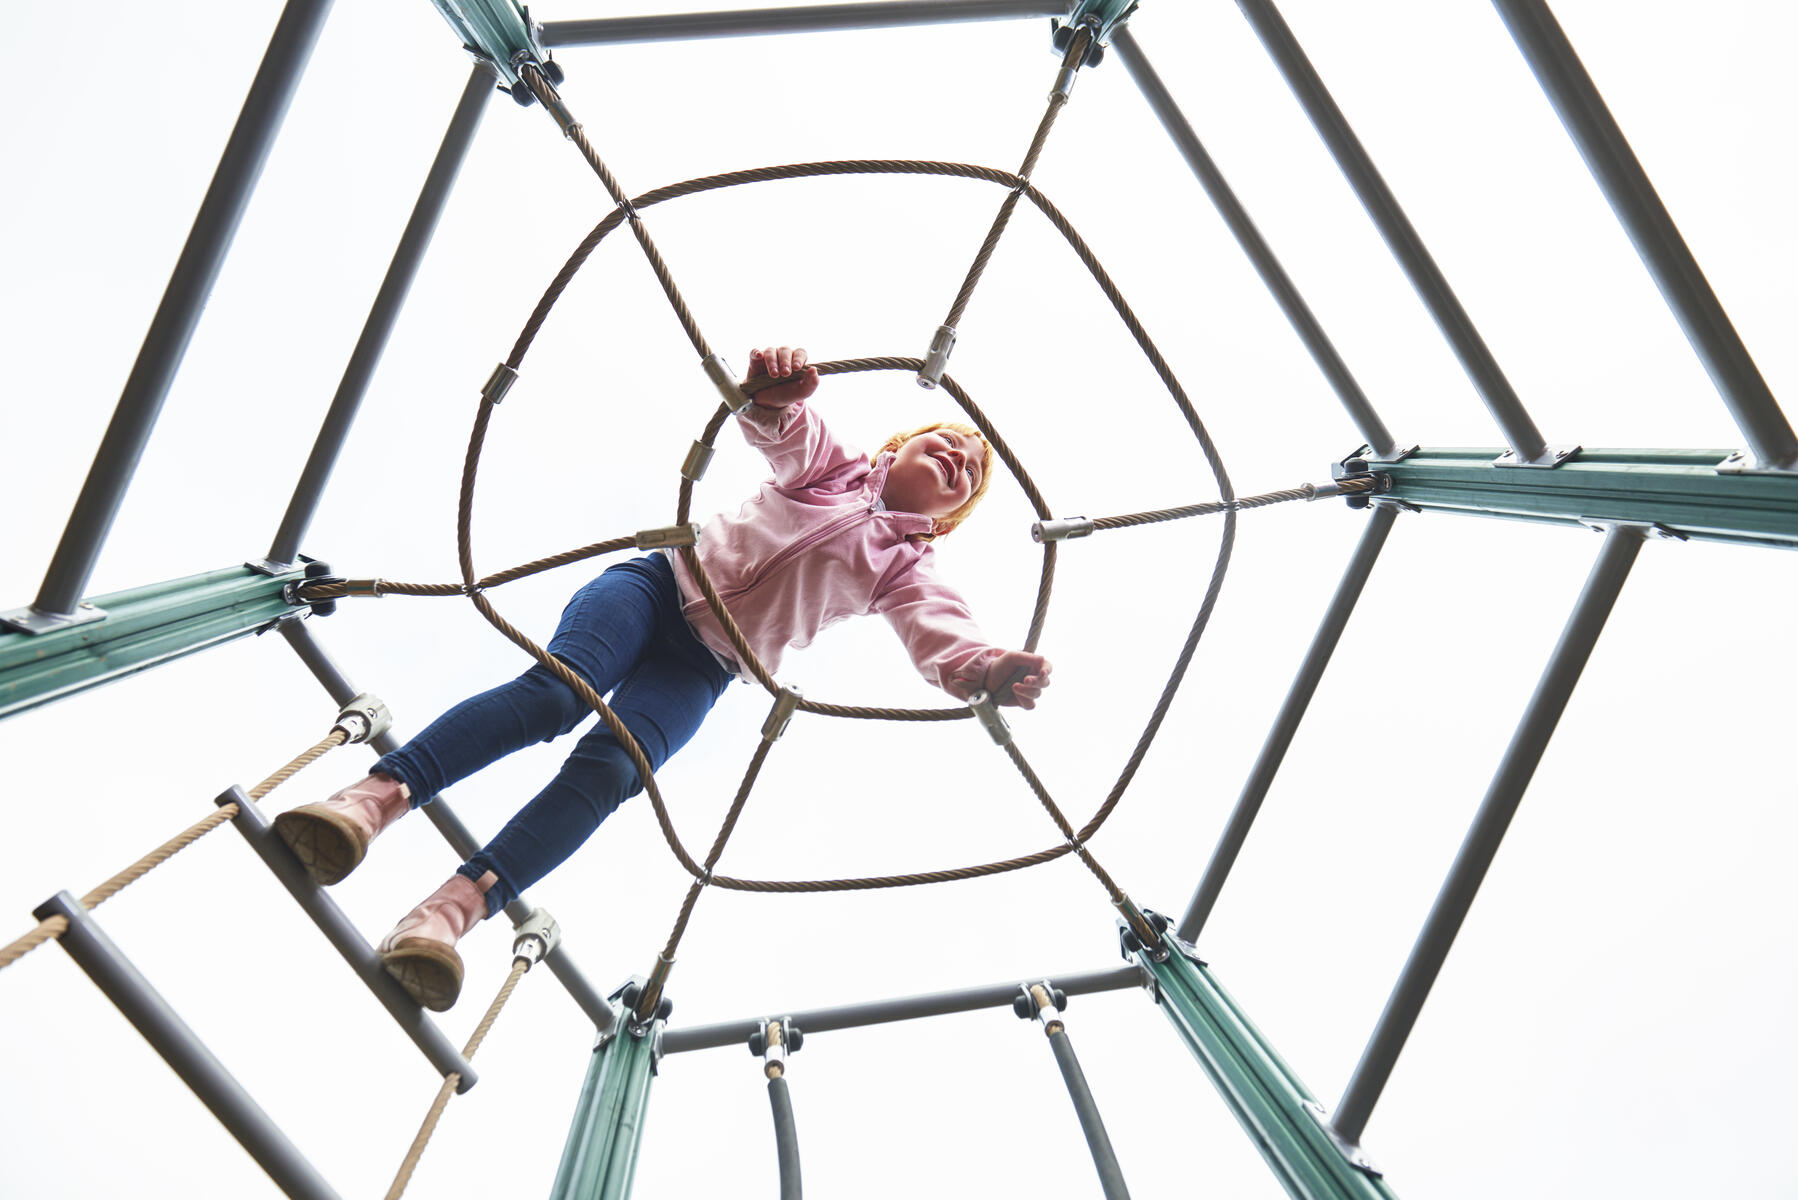 Omnia klätterställning hexagon Omnia klätterställning hexagon Omnia  klätterställning hexagon ac63b21b26382